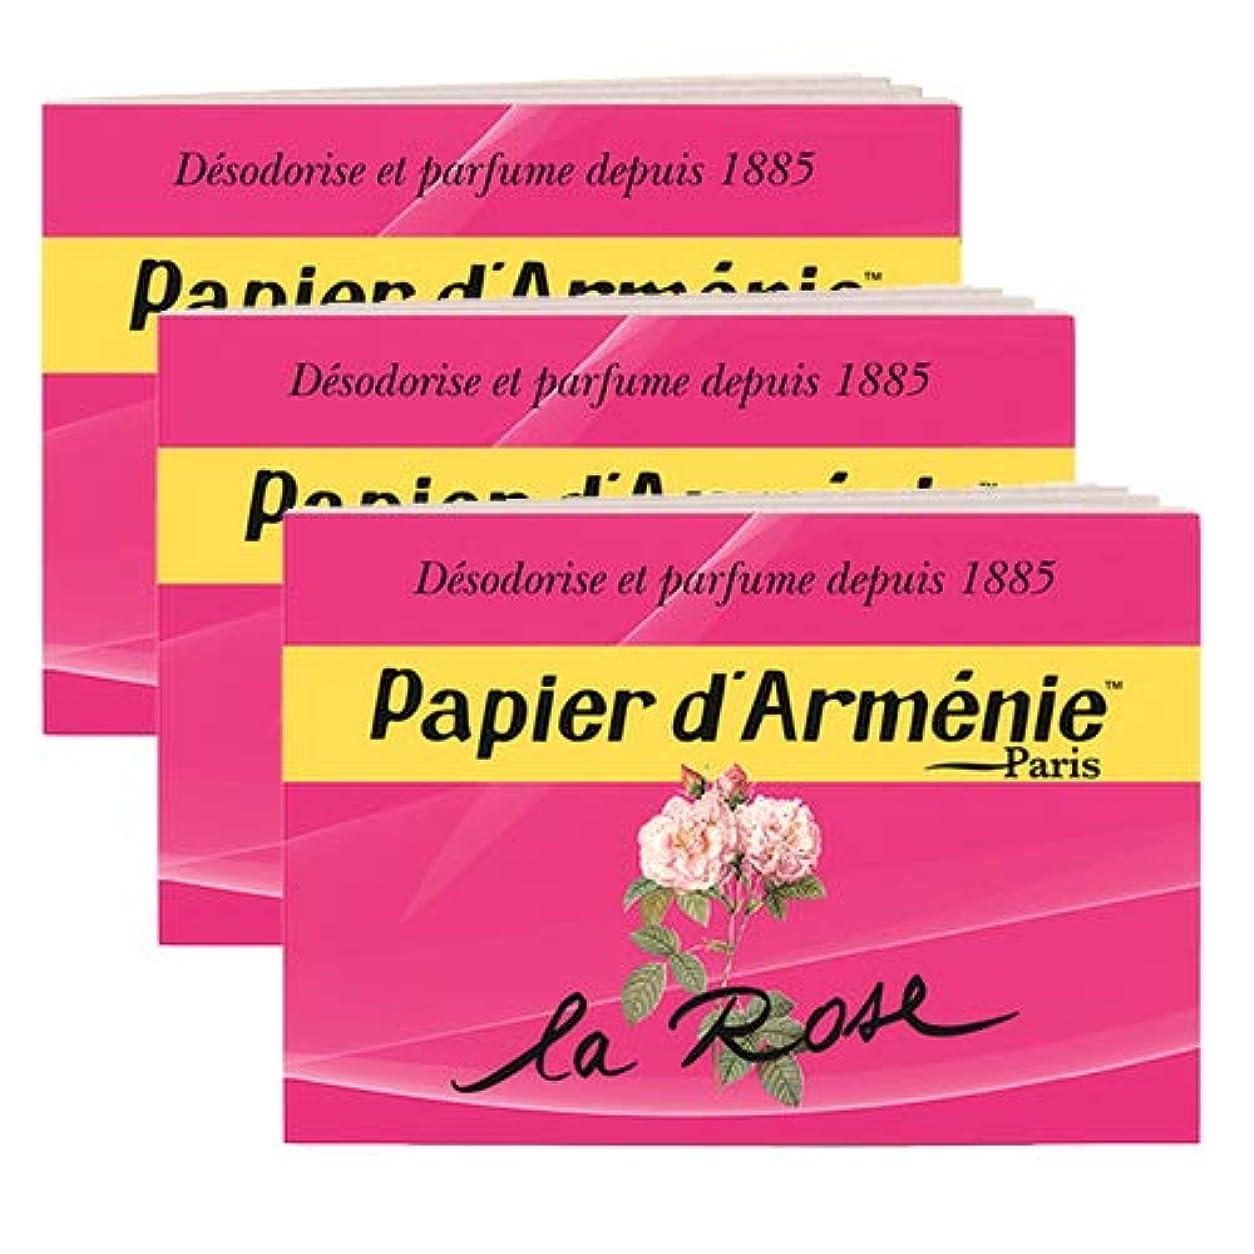 ブッシュトランペット考え【パピエダルメニイ】トリプル 3×12枚(36回分) 3個セット ローズ 紙のお香 インセンス アロマペーパー PAPIER D'ARMENIE [並行輸入品]